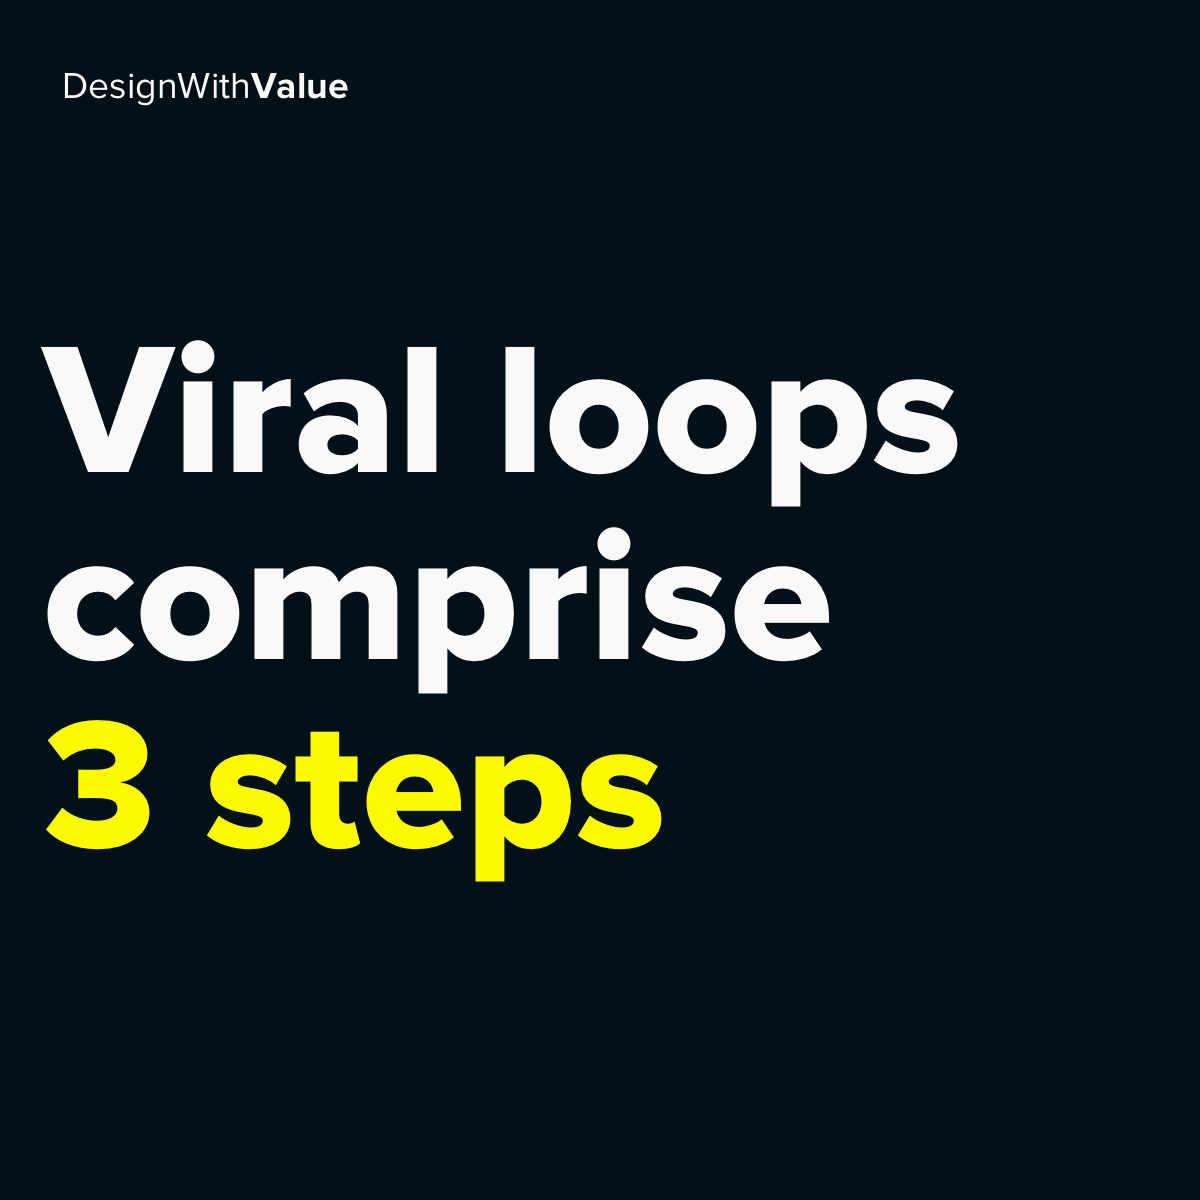 Viral loops comprise 3 steps.